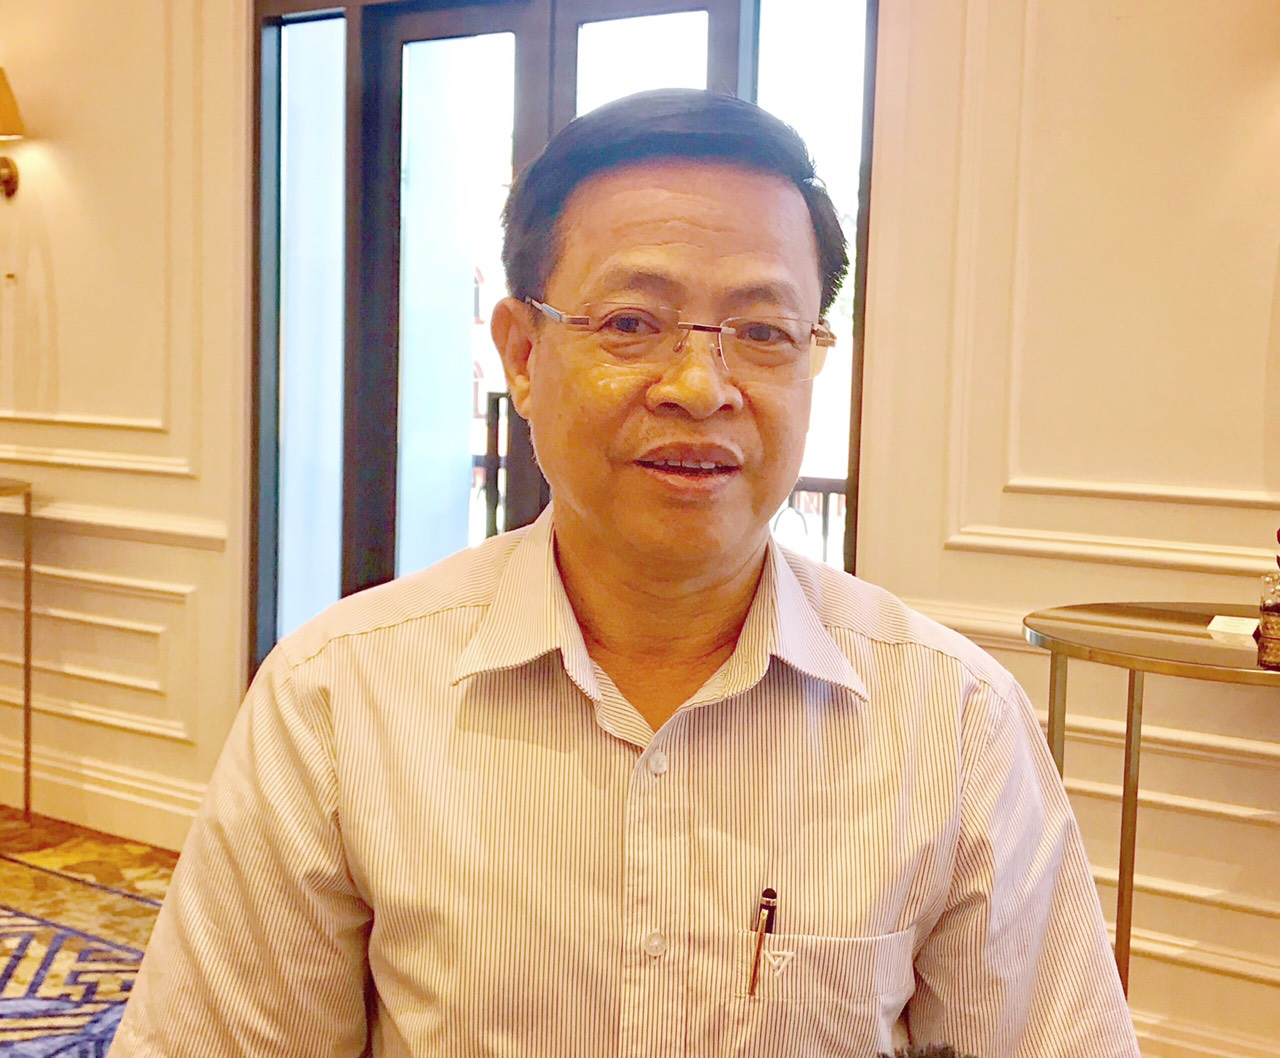 Chủ tịch giày Gia Định: Mất hàng chục triệu USD vì nhà máy đóng cửa, mong mõi ngày mở cửa trở lại - Ảnh 1.